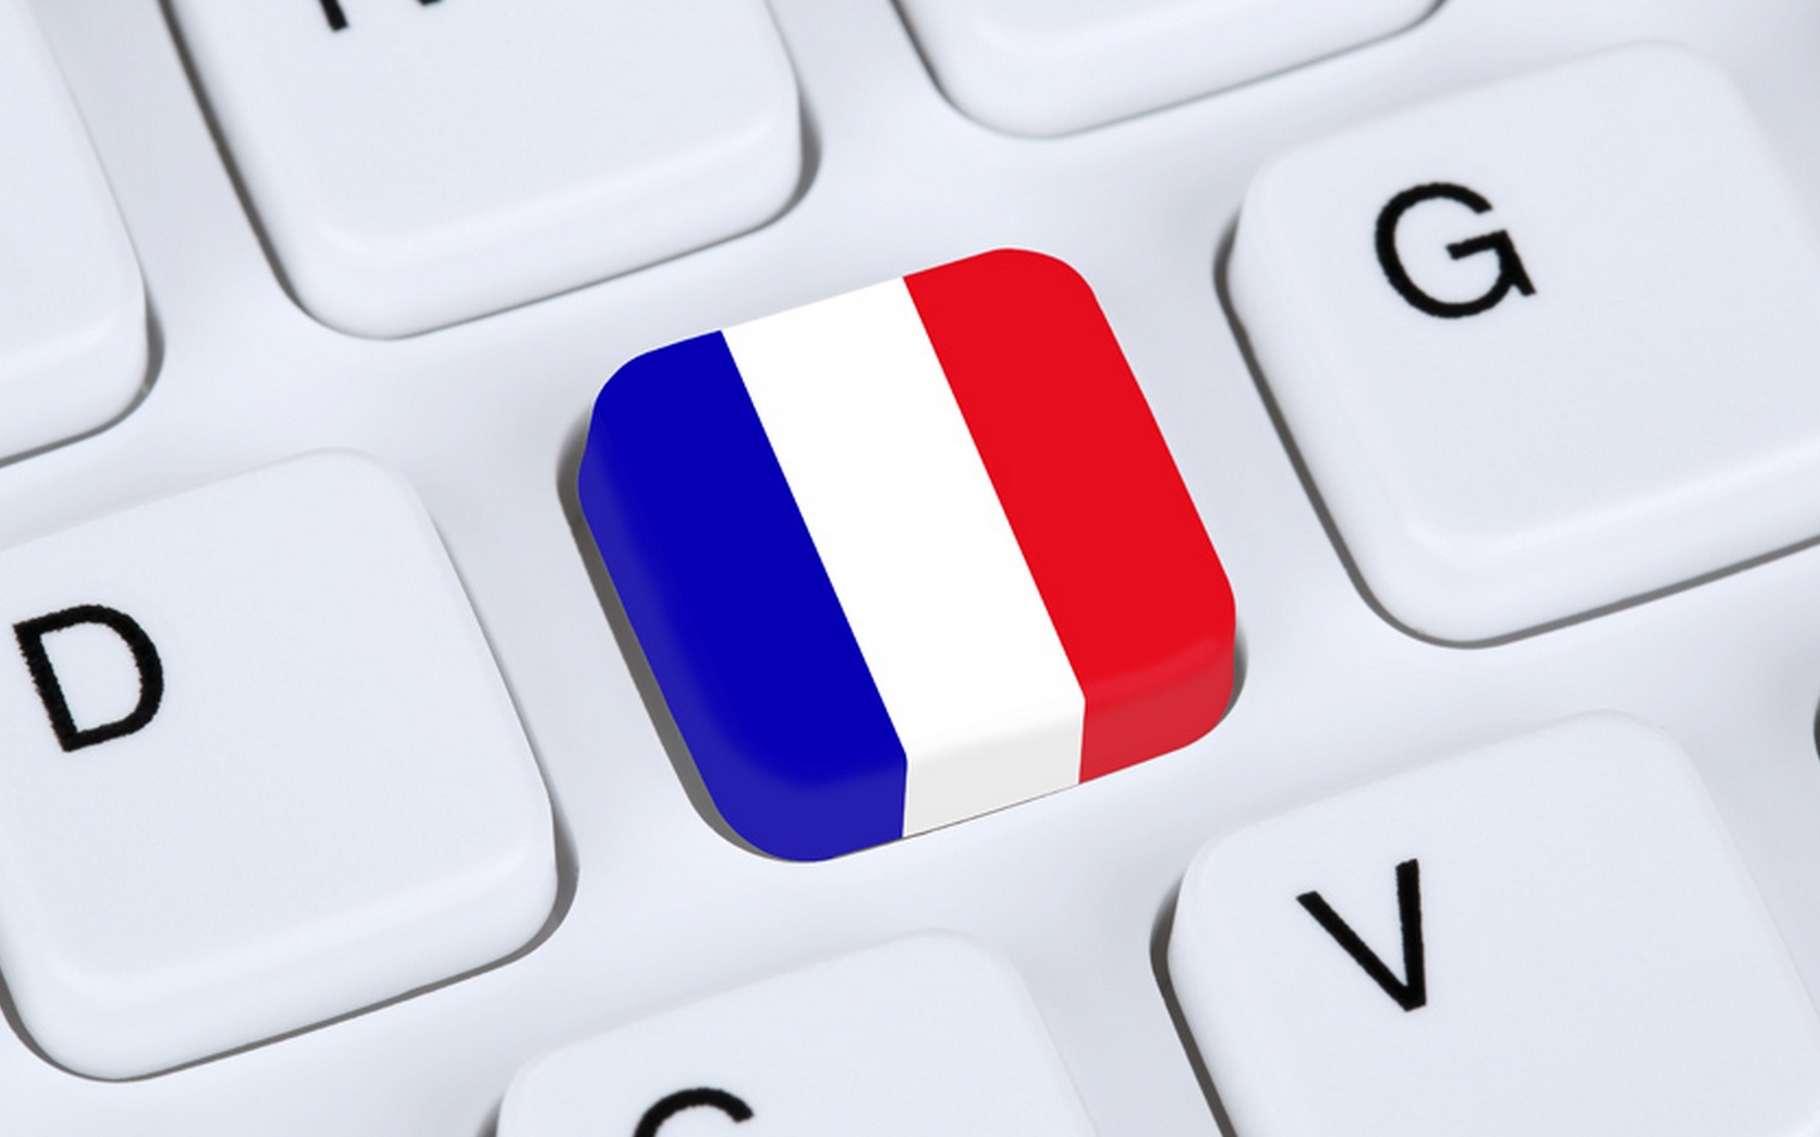 Le clavier Azerty qui est utilisé en France depuis plus d'un siècle n'a jamais fait l'objet d'une norme. © Afnor